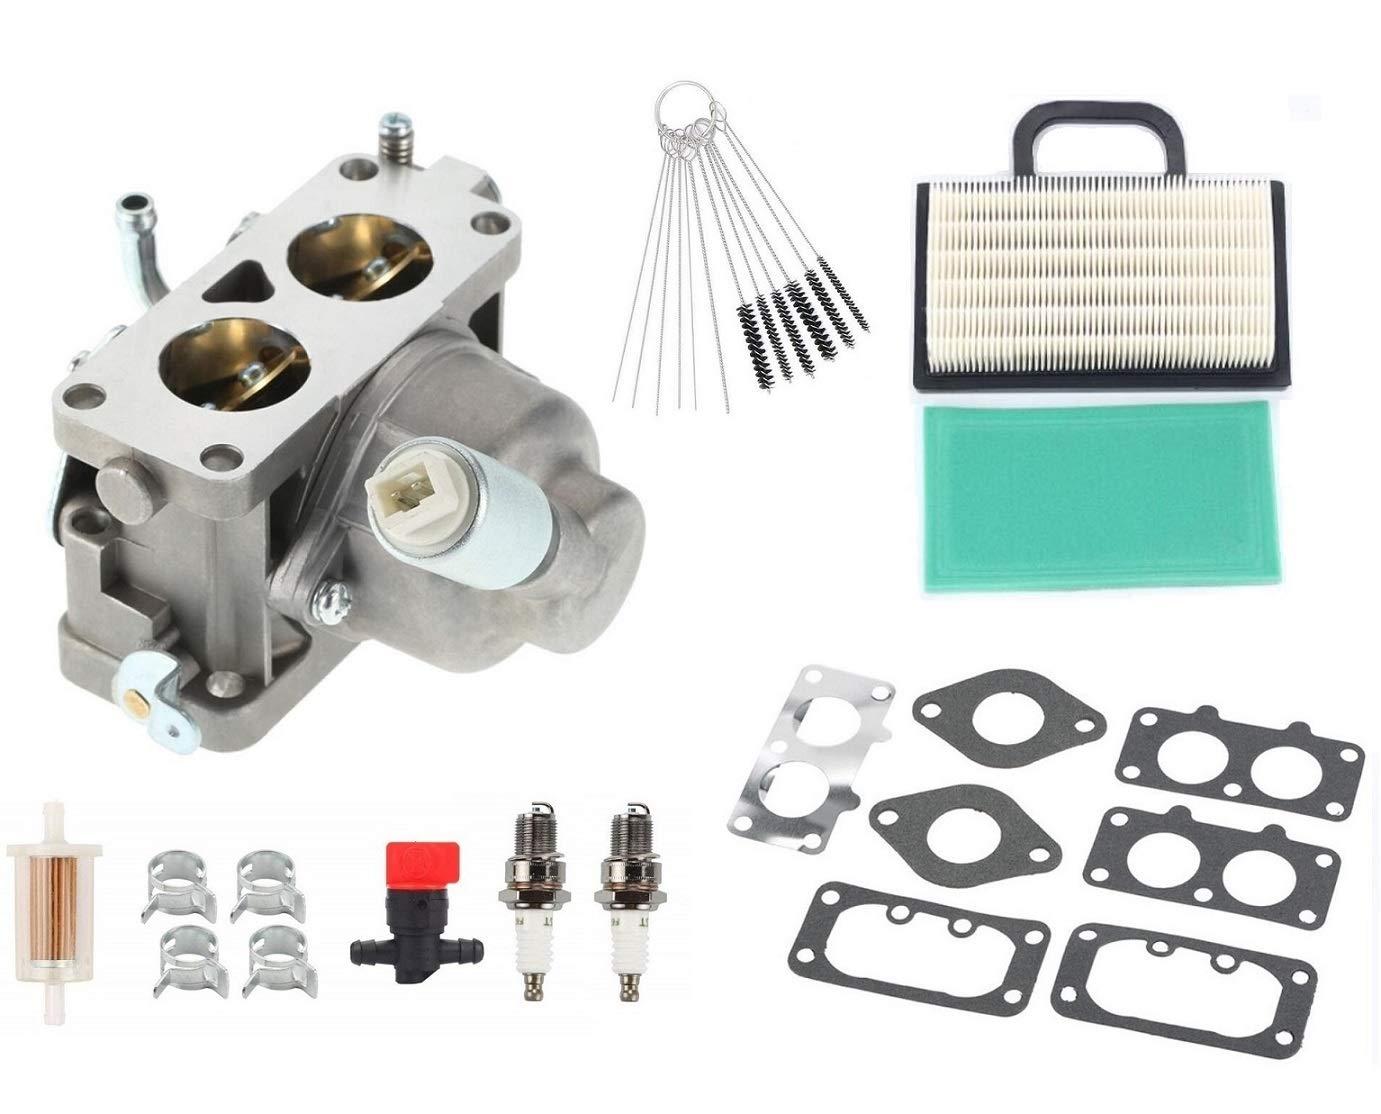 mdairc Carburetor Fits Briggs and Stratton 791230 699709 699804 20hp 21hp 23hp 24hp 25hp Intek V-Twin